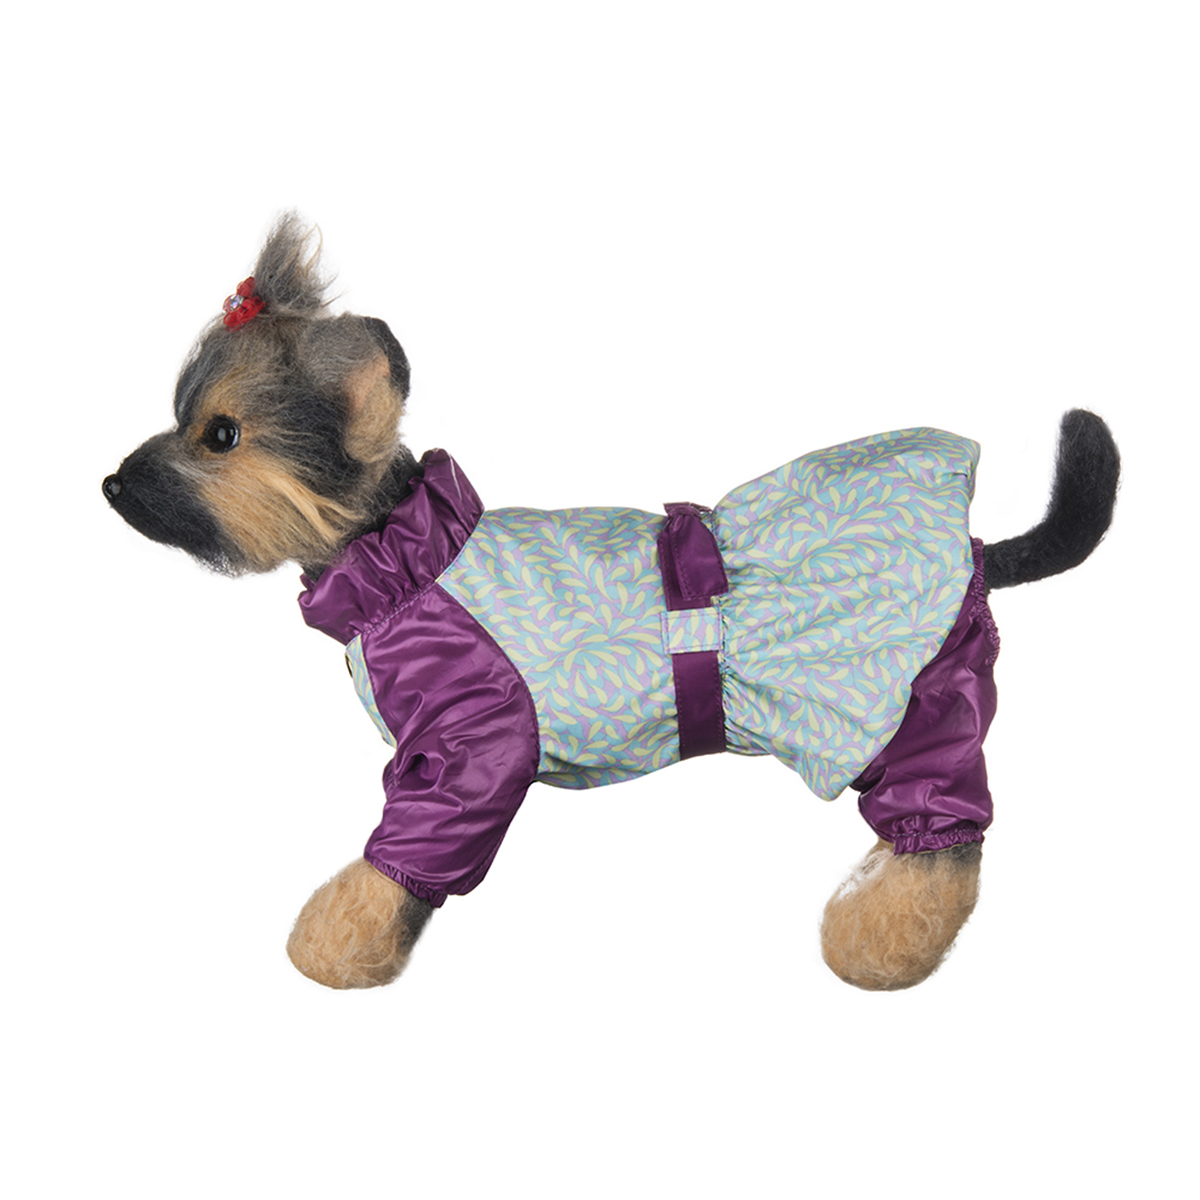 Комбинезон для собак Dogmoda Настроение, для девочки, цвет: фиолетовый, мятный, желтый. Размер 4 (XL) комбинезоны для животных dogmoda комбинезон doggs active 70 сука